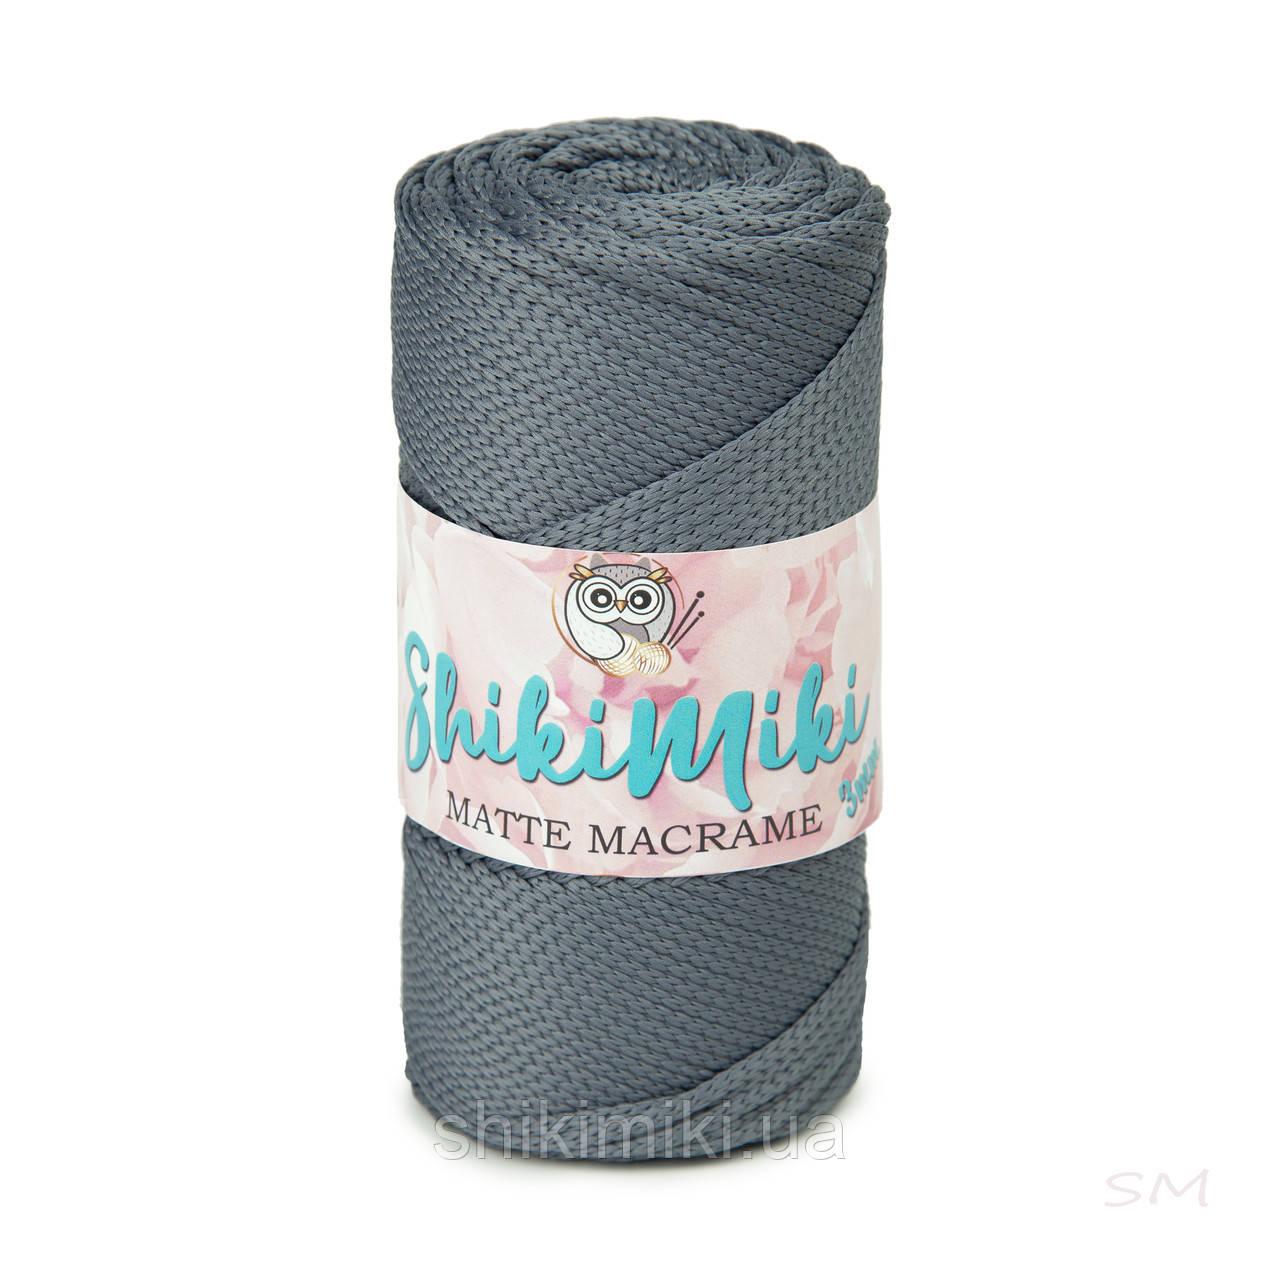 Полиэфирный шнур Matte Macrame 3 mm, цвет Серый